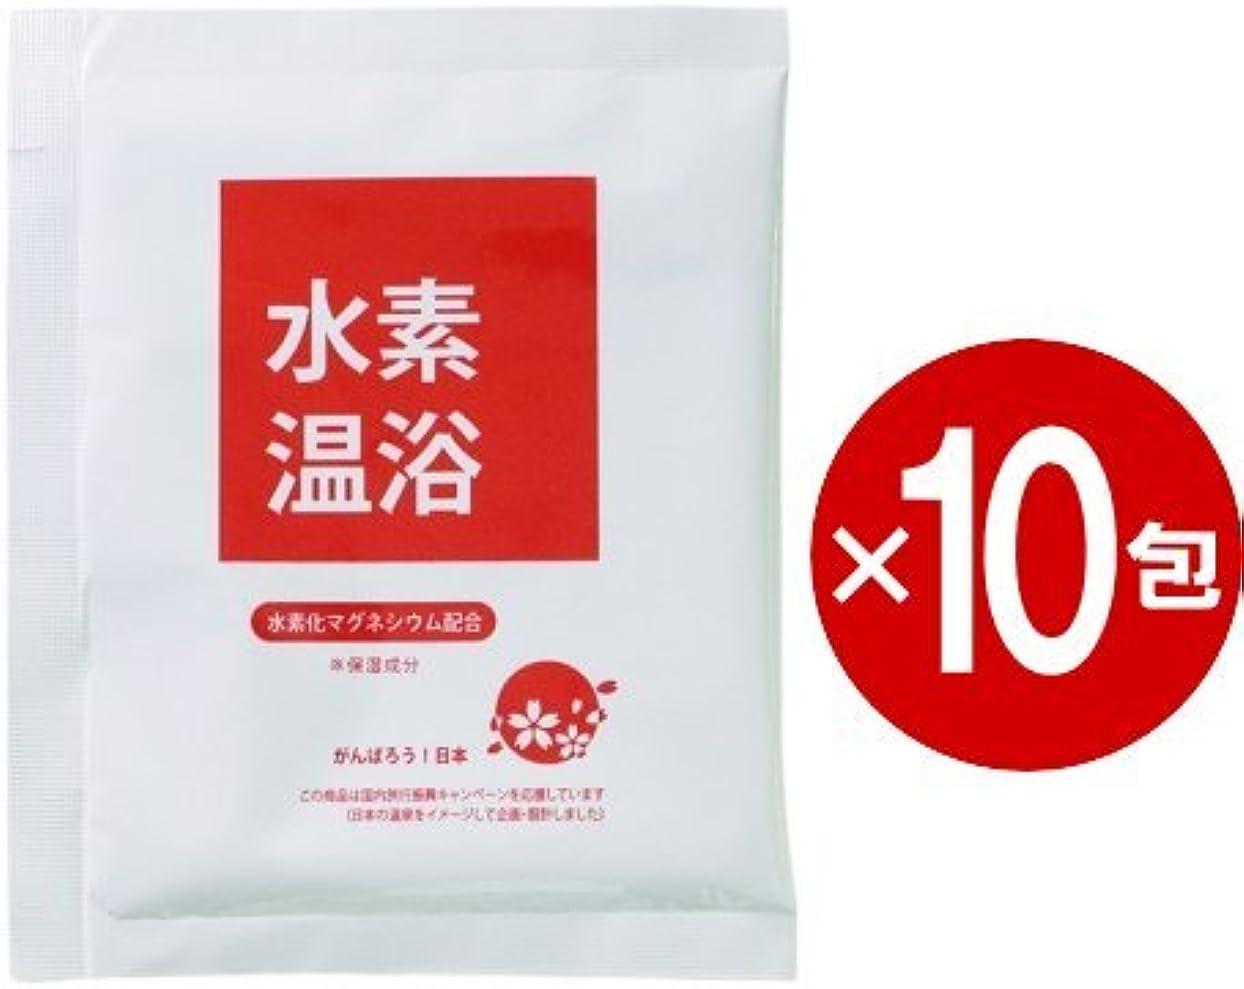 水素温浴 【水素化マグネシウム配合】入浴剤10袋入り (限定お試し価格)